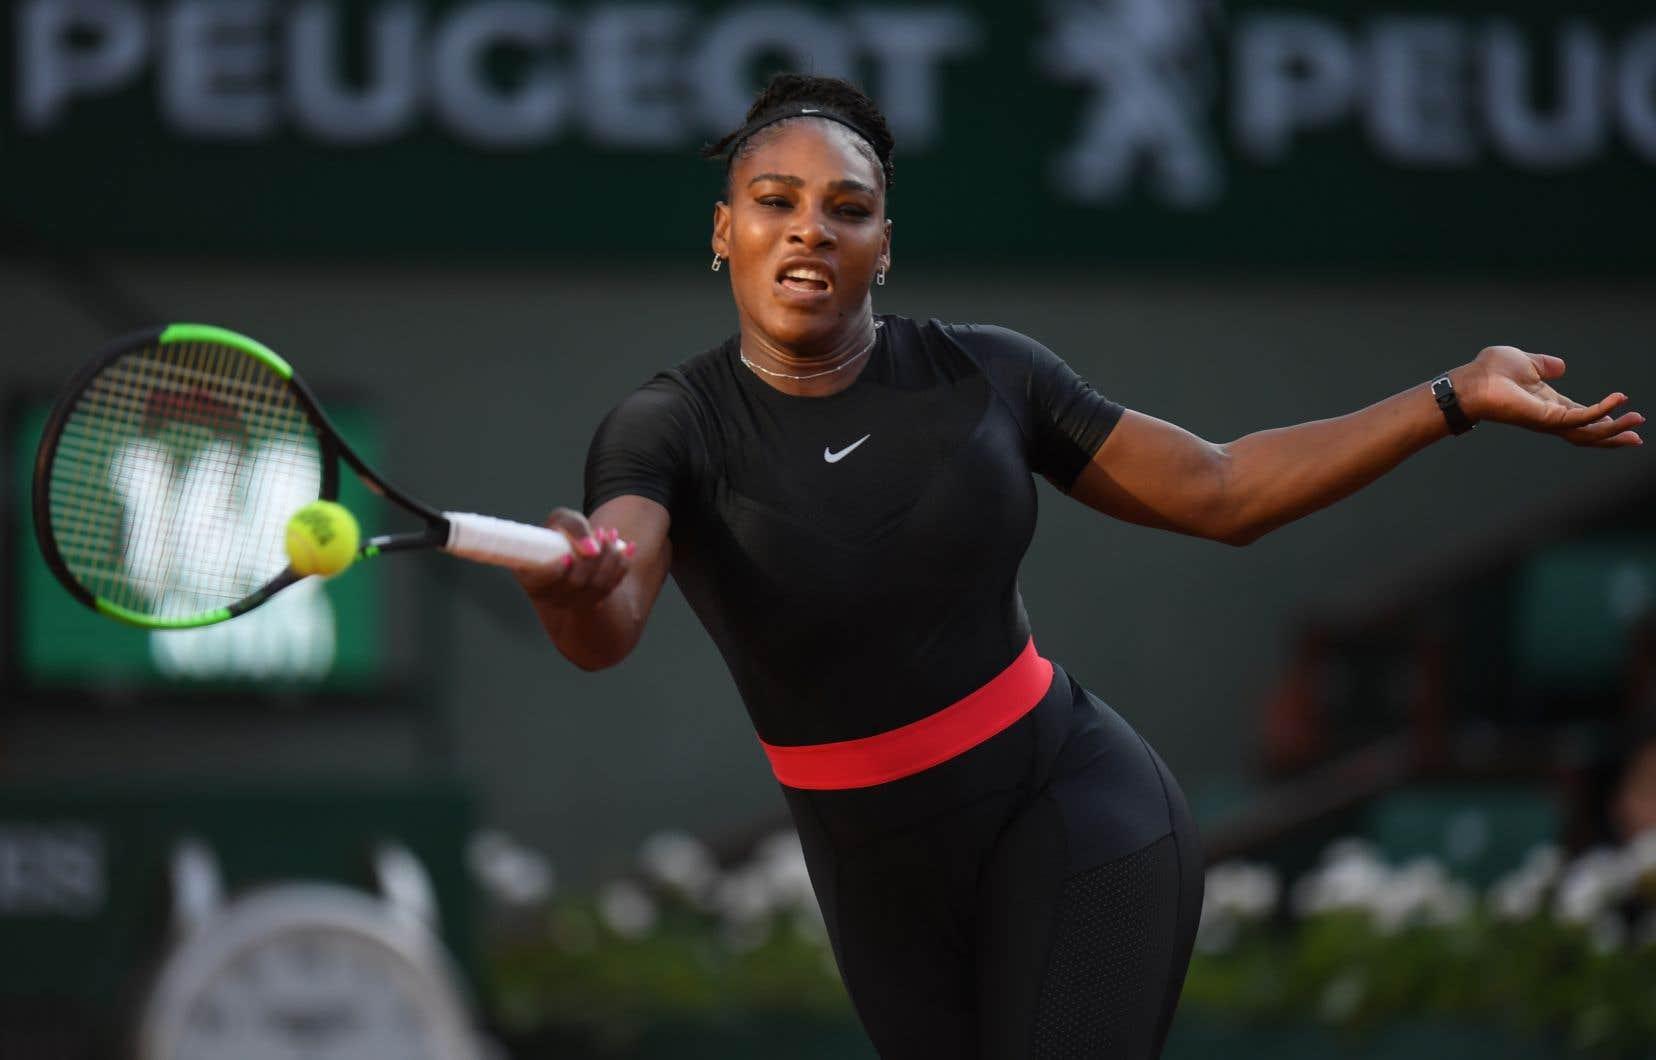 Serena Williams avait aussi été au centre d'une polémique à Roland-Garros autour de sa combinaison moulante noire.